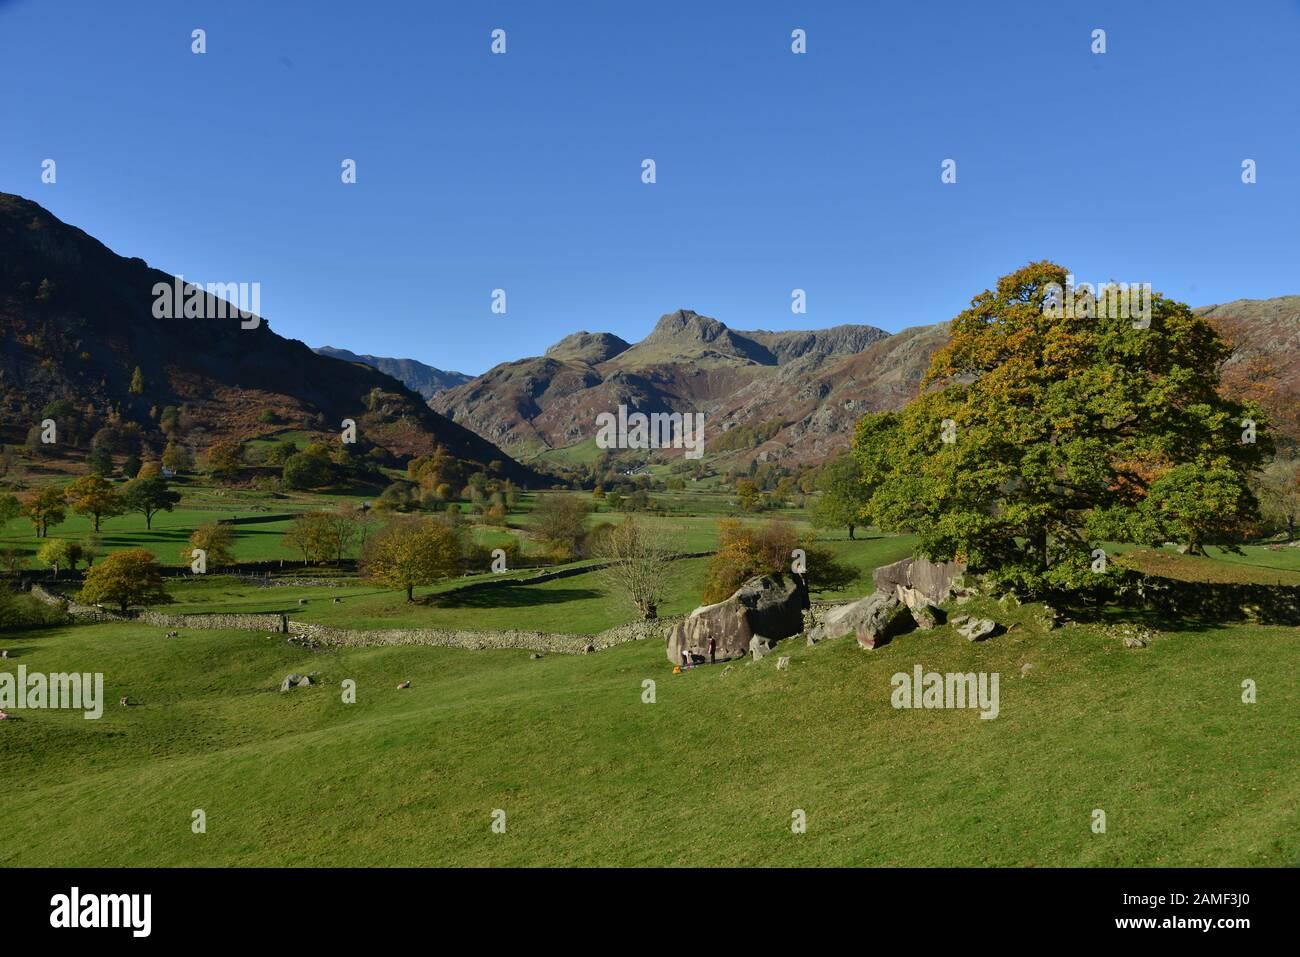 Die Langdale Pikes und die Langdale Boulders, im Vereinigten Königreich Stockfoto